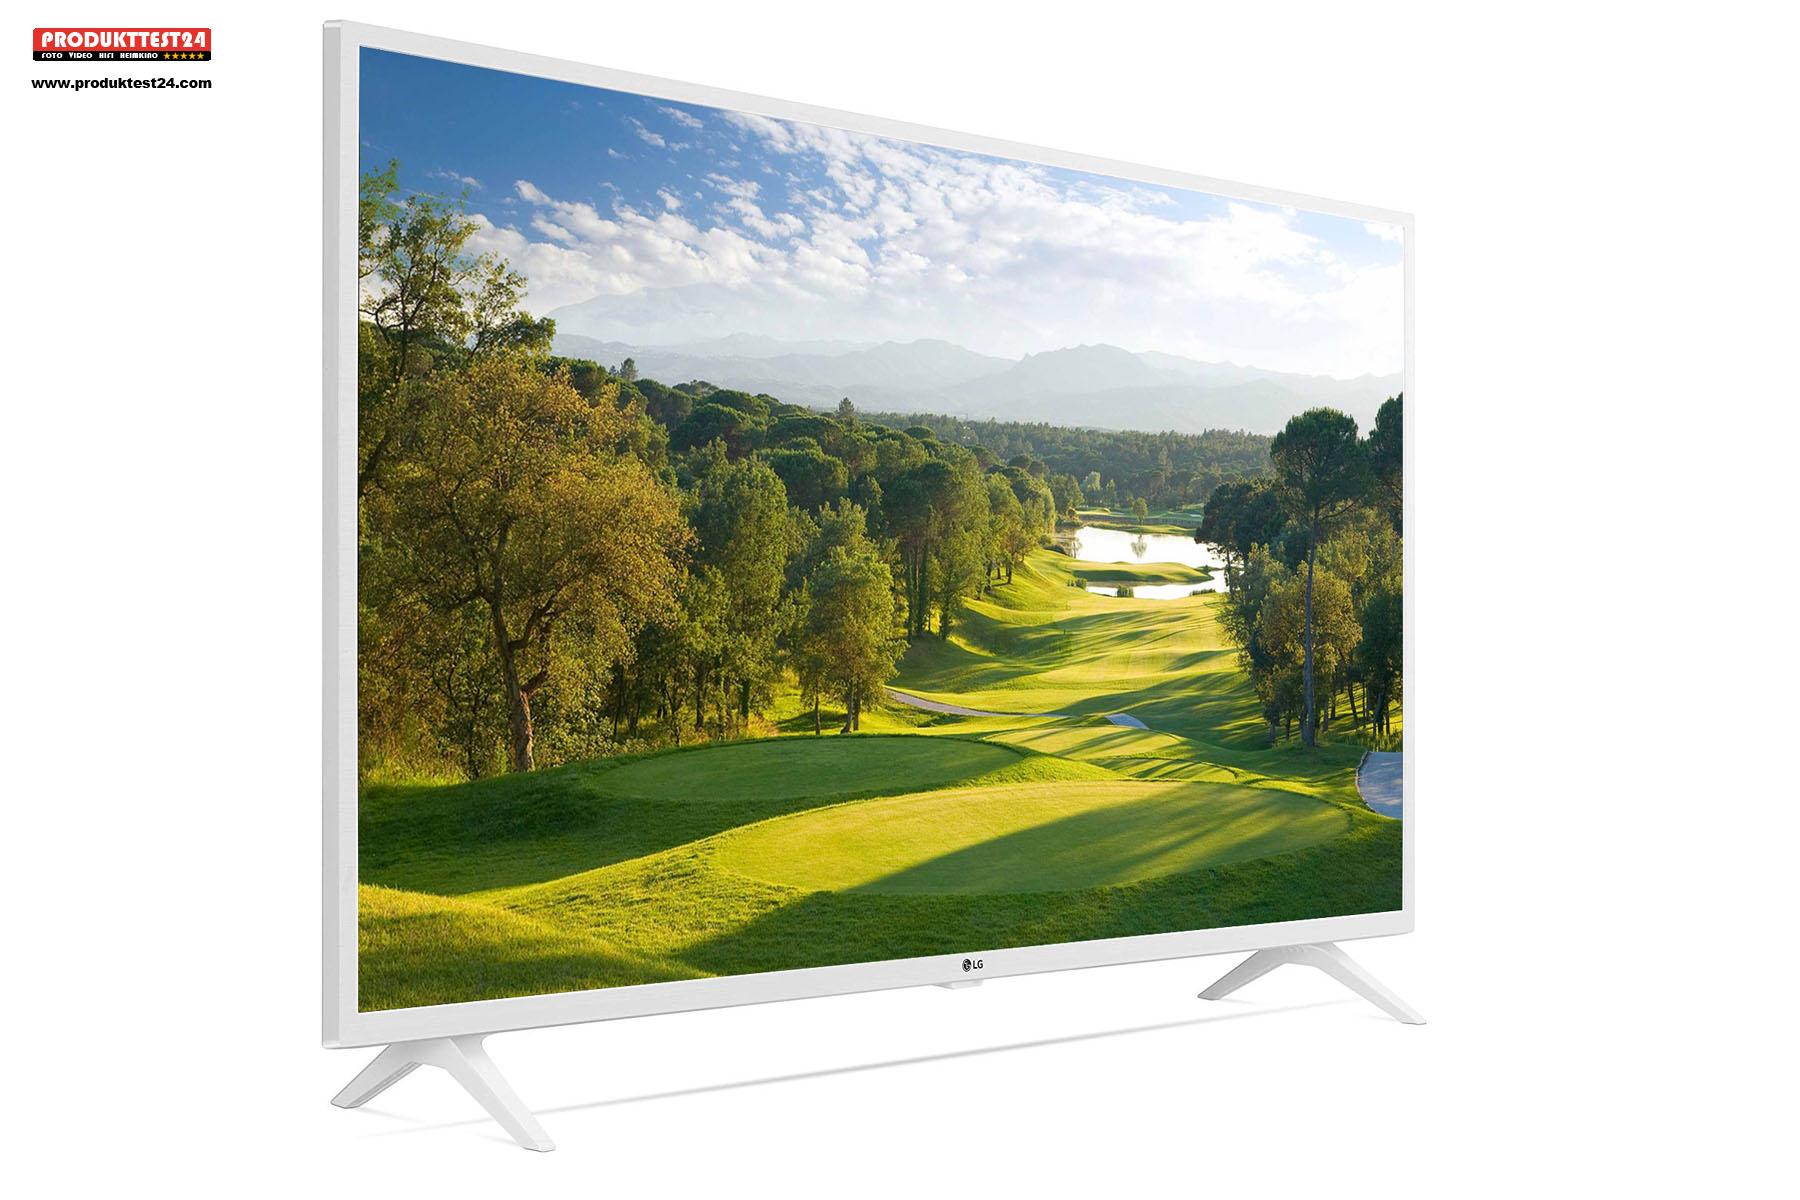 Der weiße LG 49UM7390 Ultra HD 4K-Fernseher